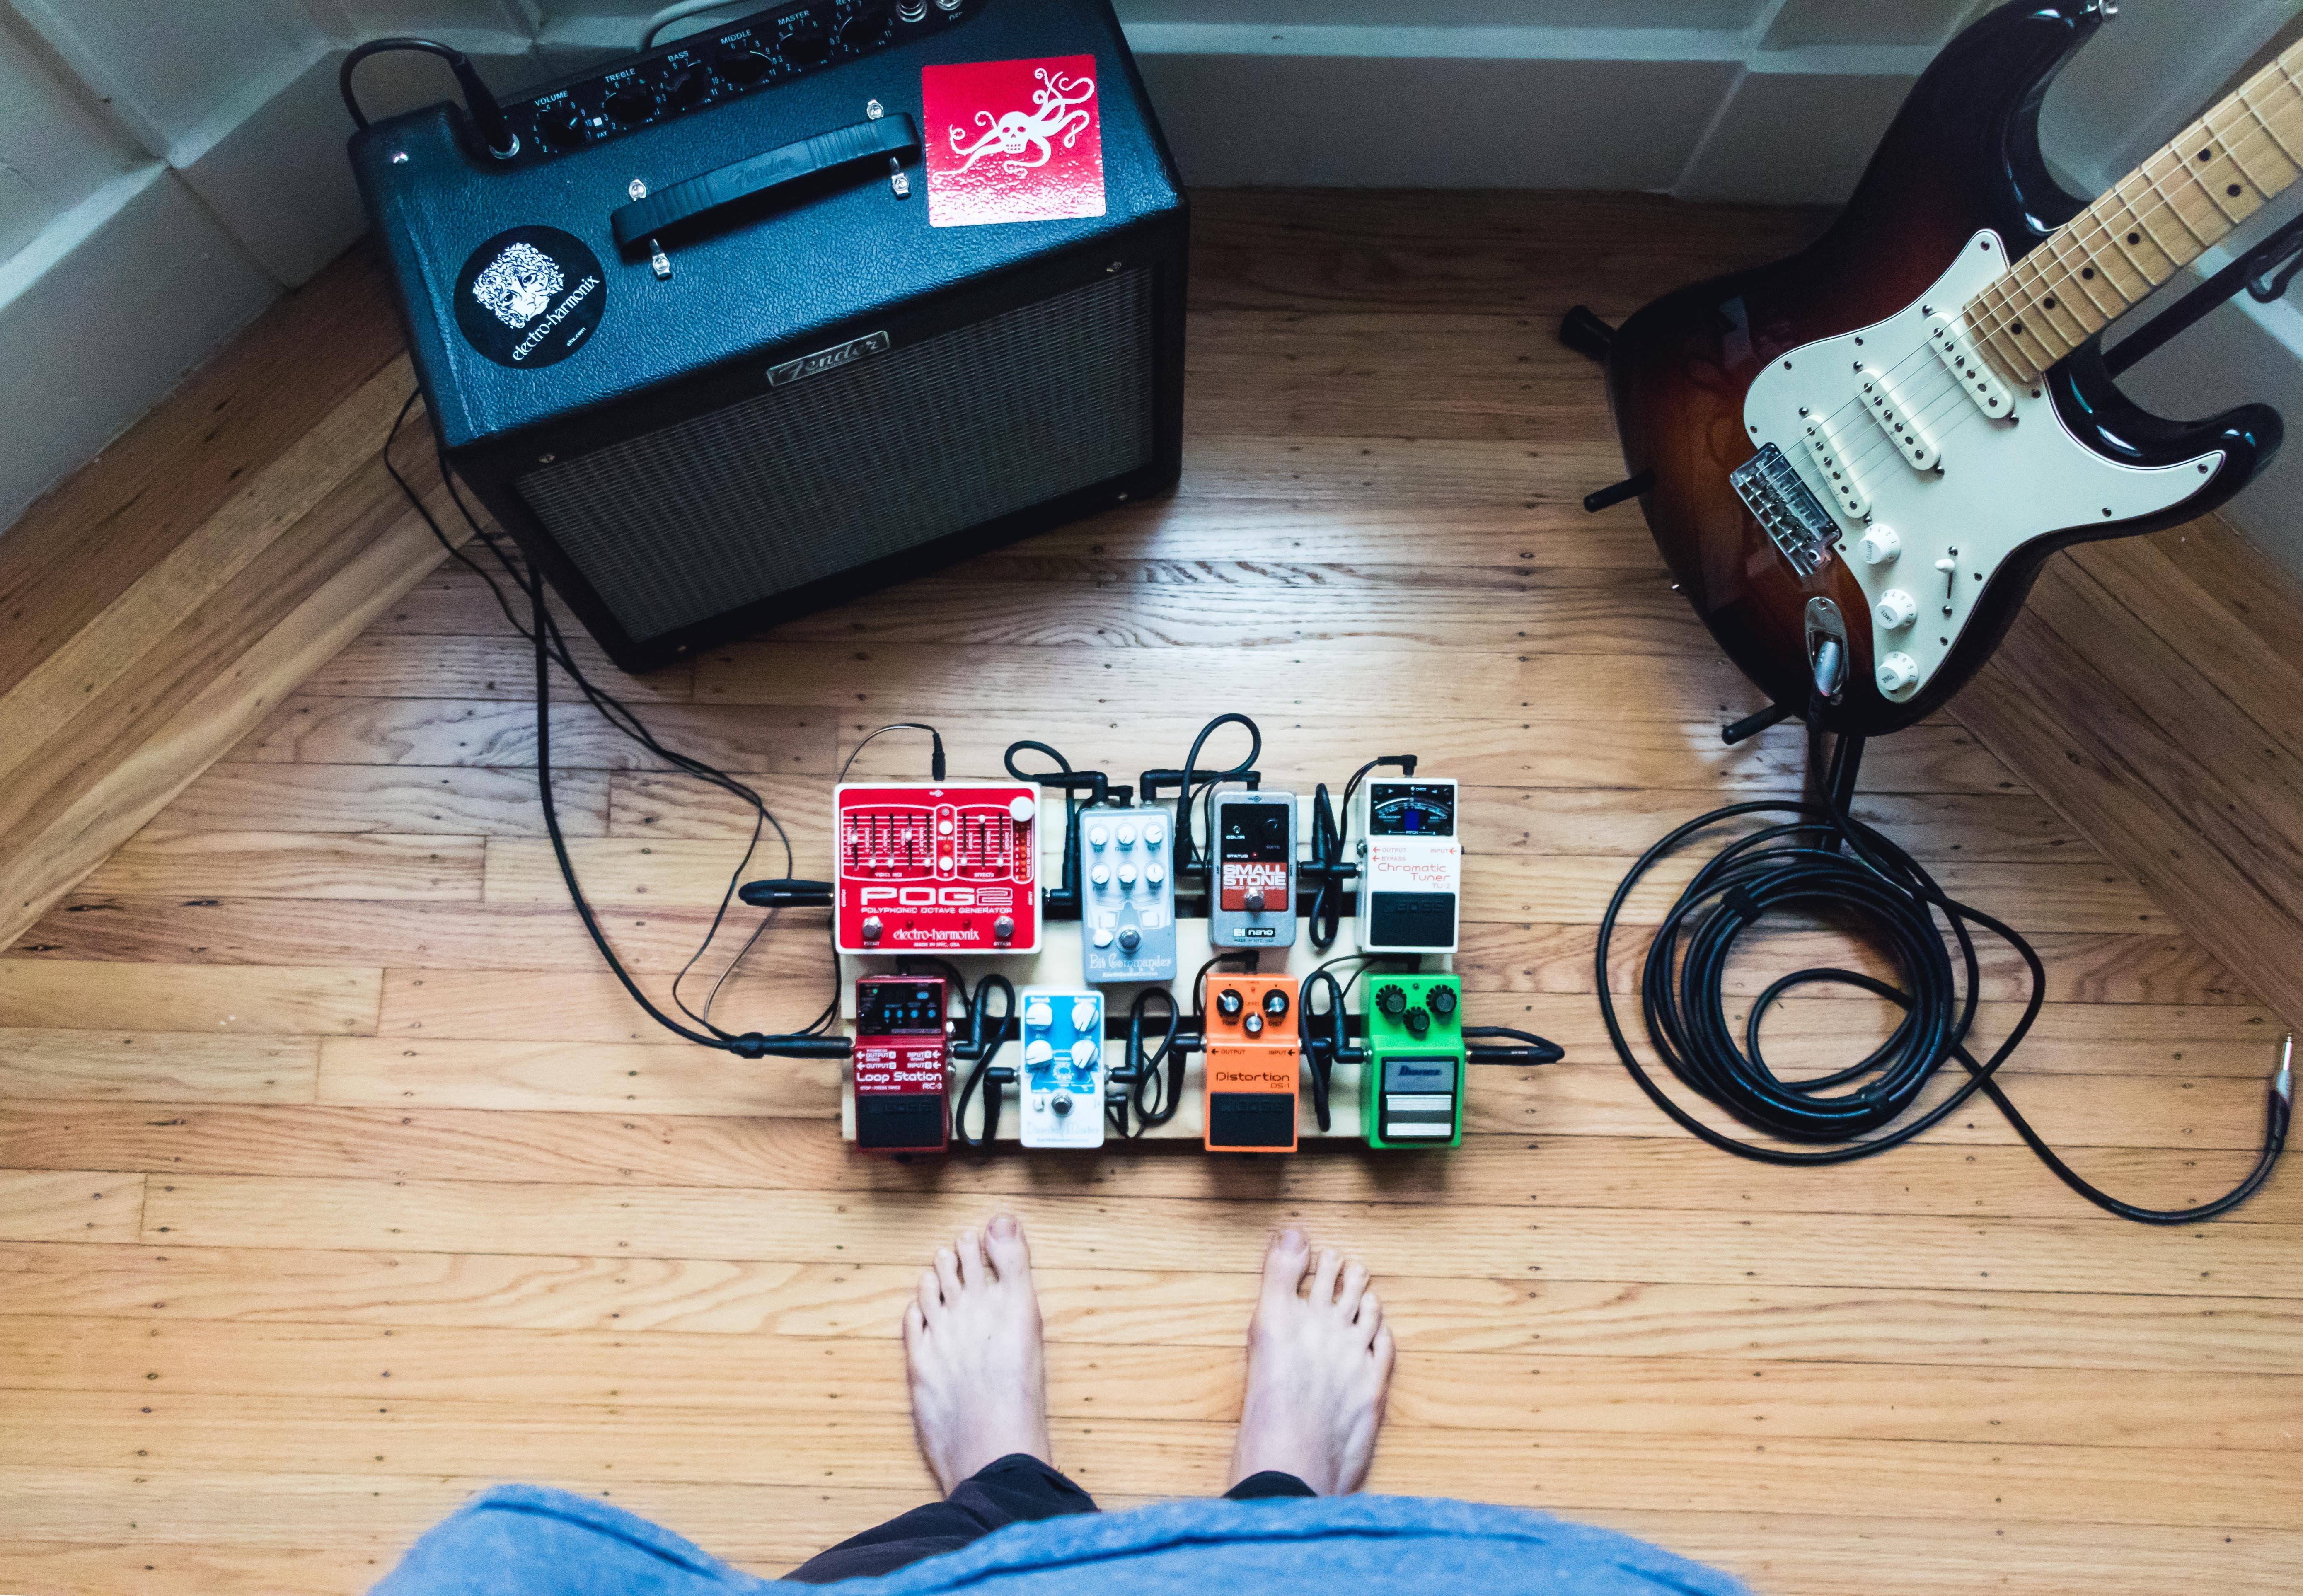 Tuning and Beats